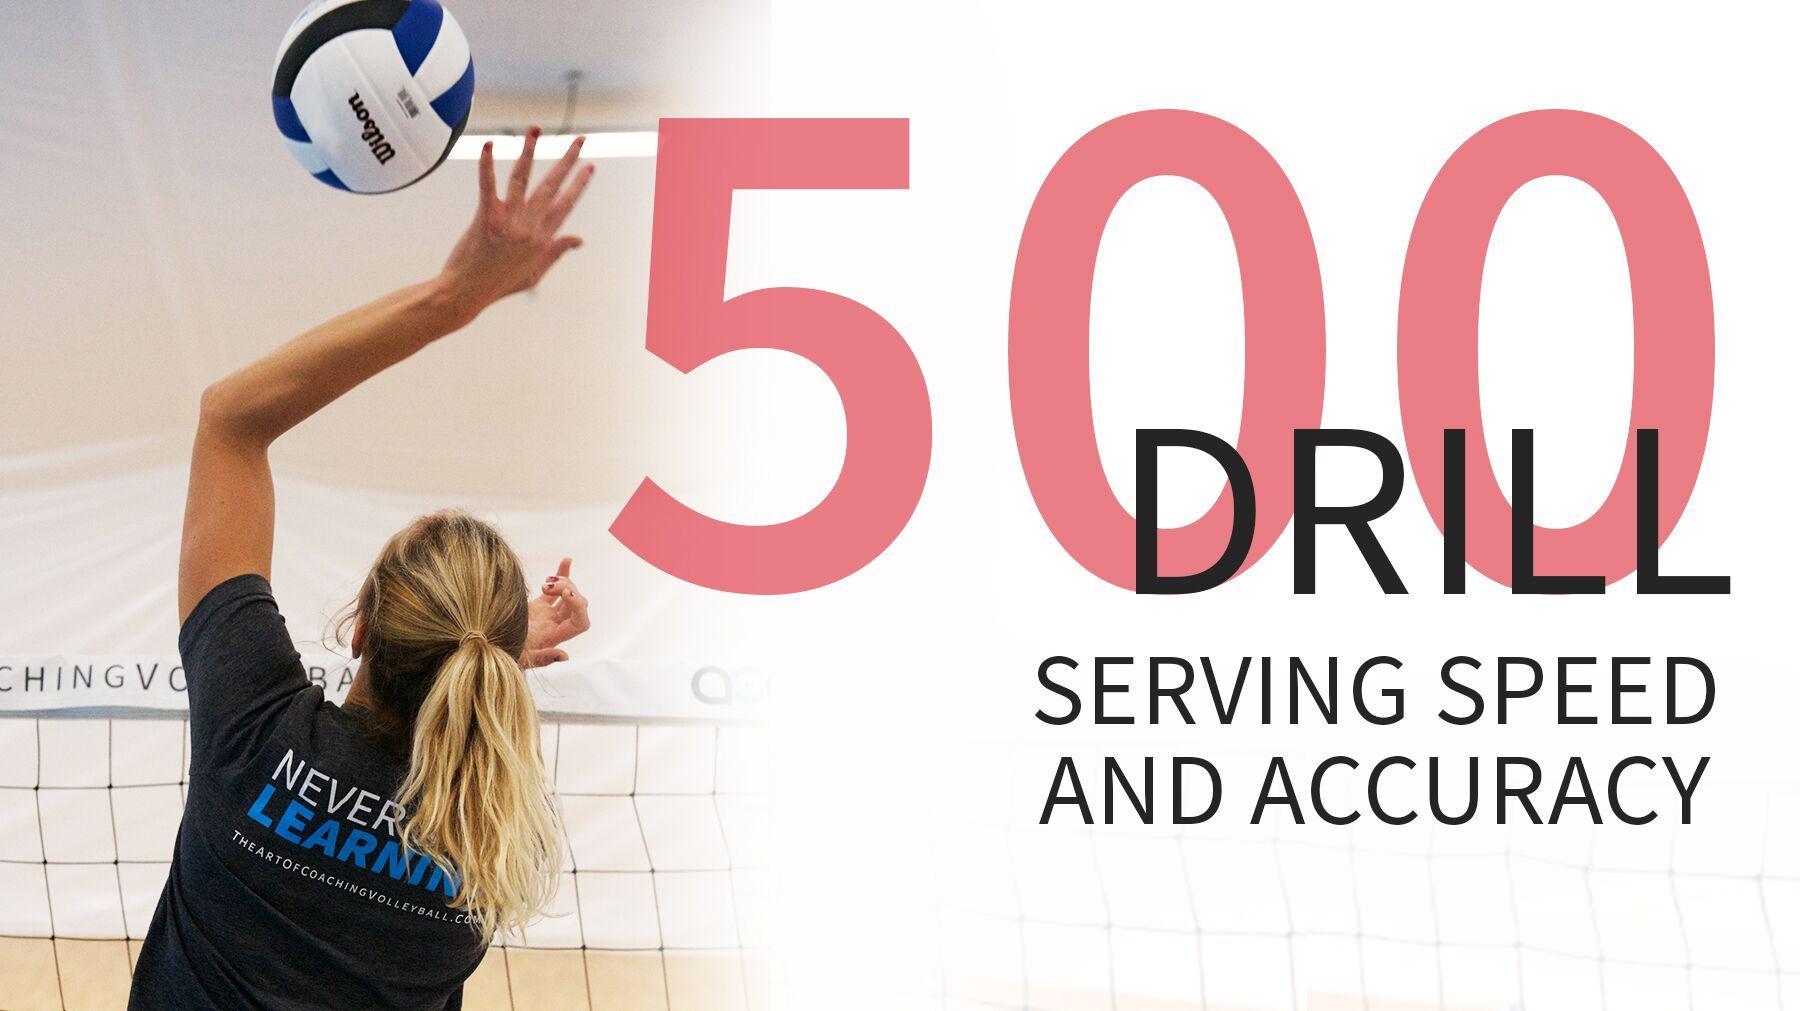 Https Artofcoaching Wistia Com Medias K21h0ohbvk Coaching Volleyball Volleyball Skills Volleyball